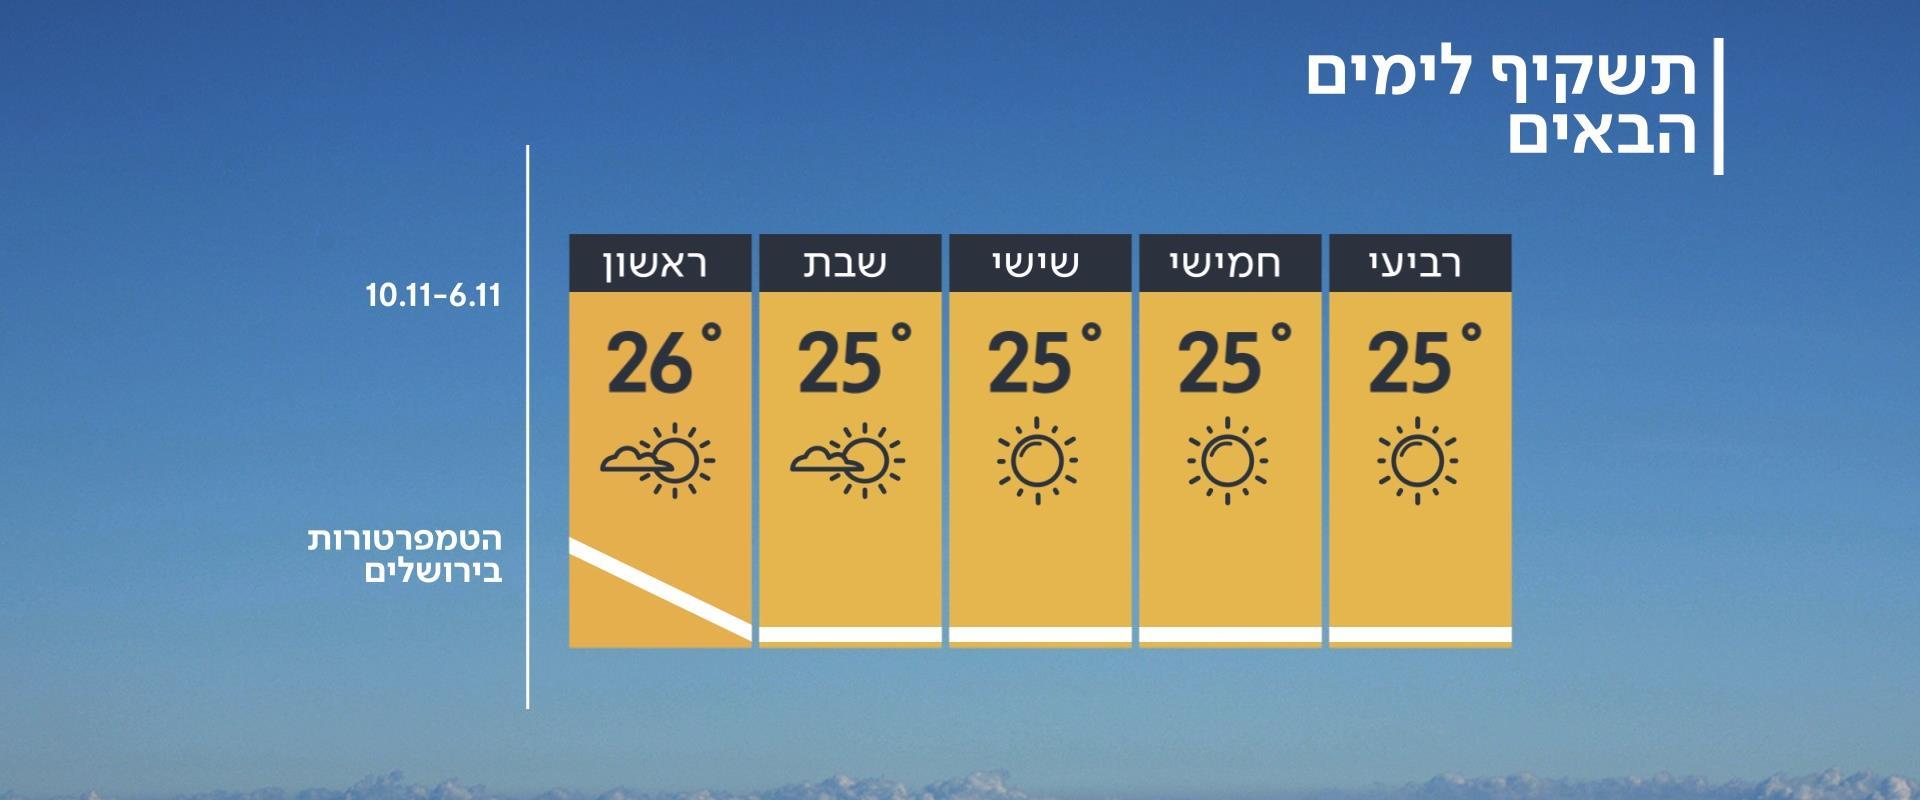 תחזית מזג האוויר, 05.11.19